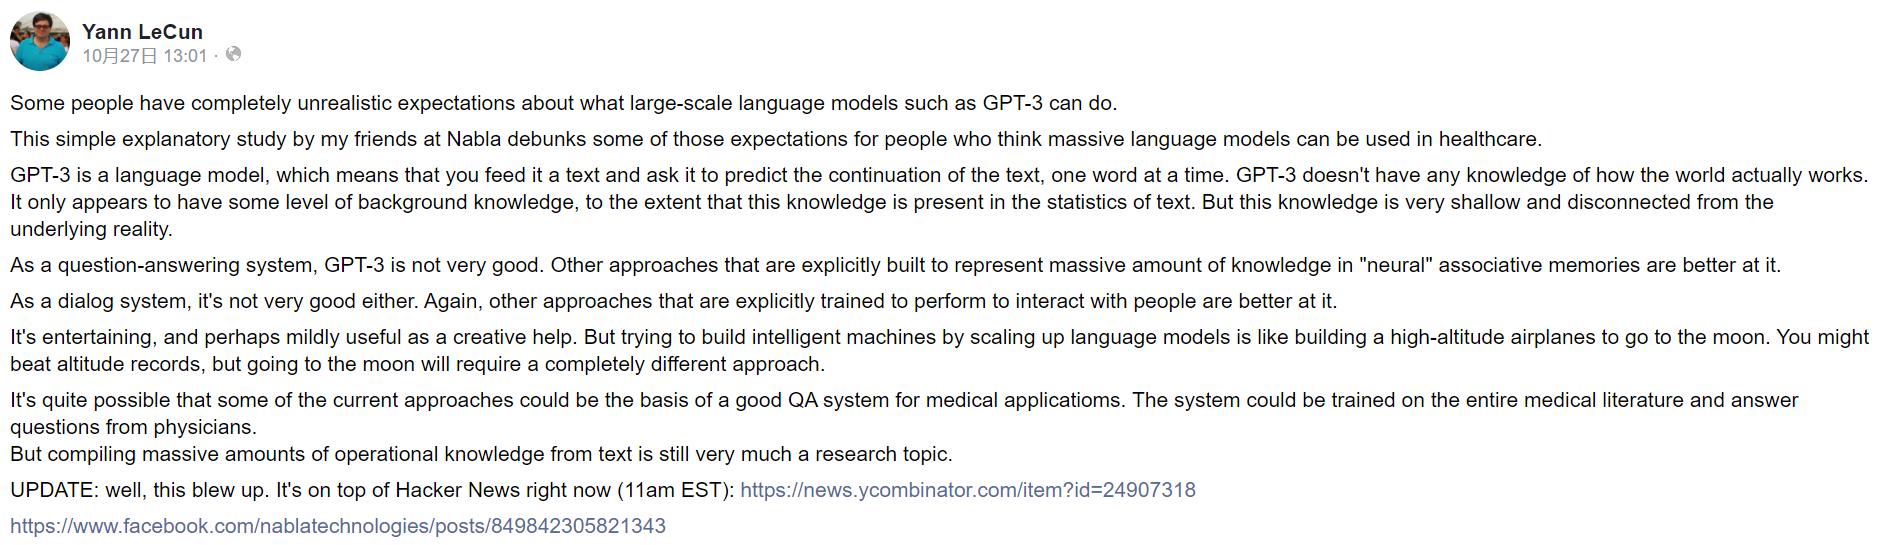 建议患者自杀,AI 教父:不要对 GPT-3 有不切实际的期望